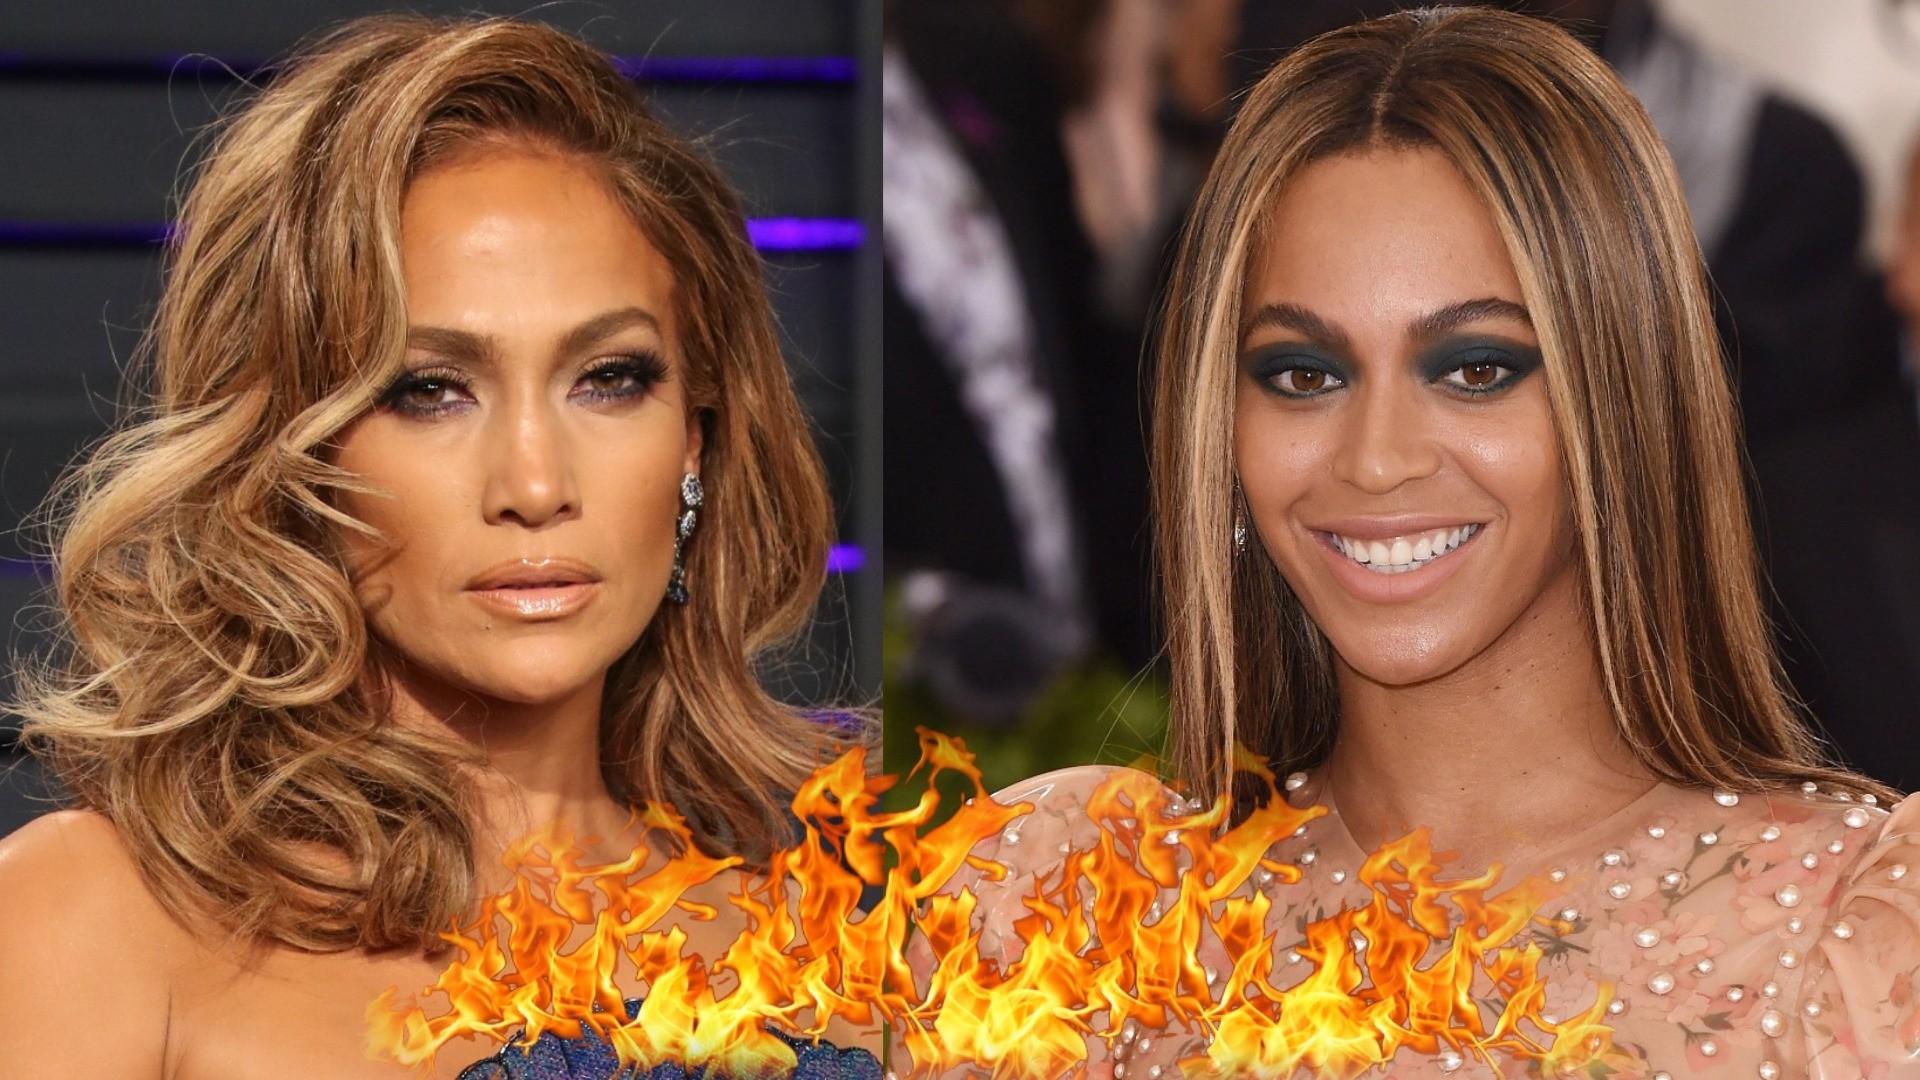 Сжечь ведьму: 5 звезд, которых обвиняют в колдовстве